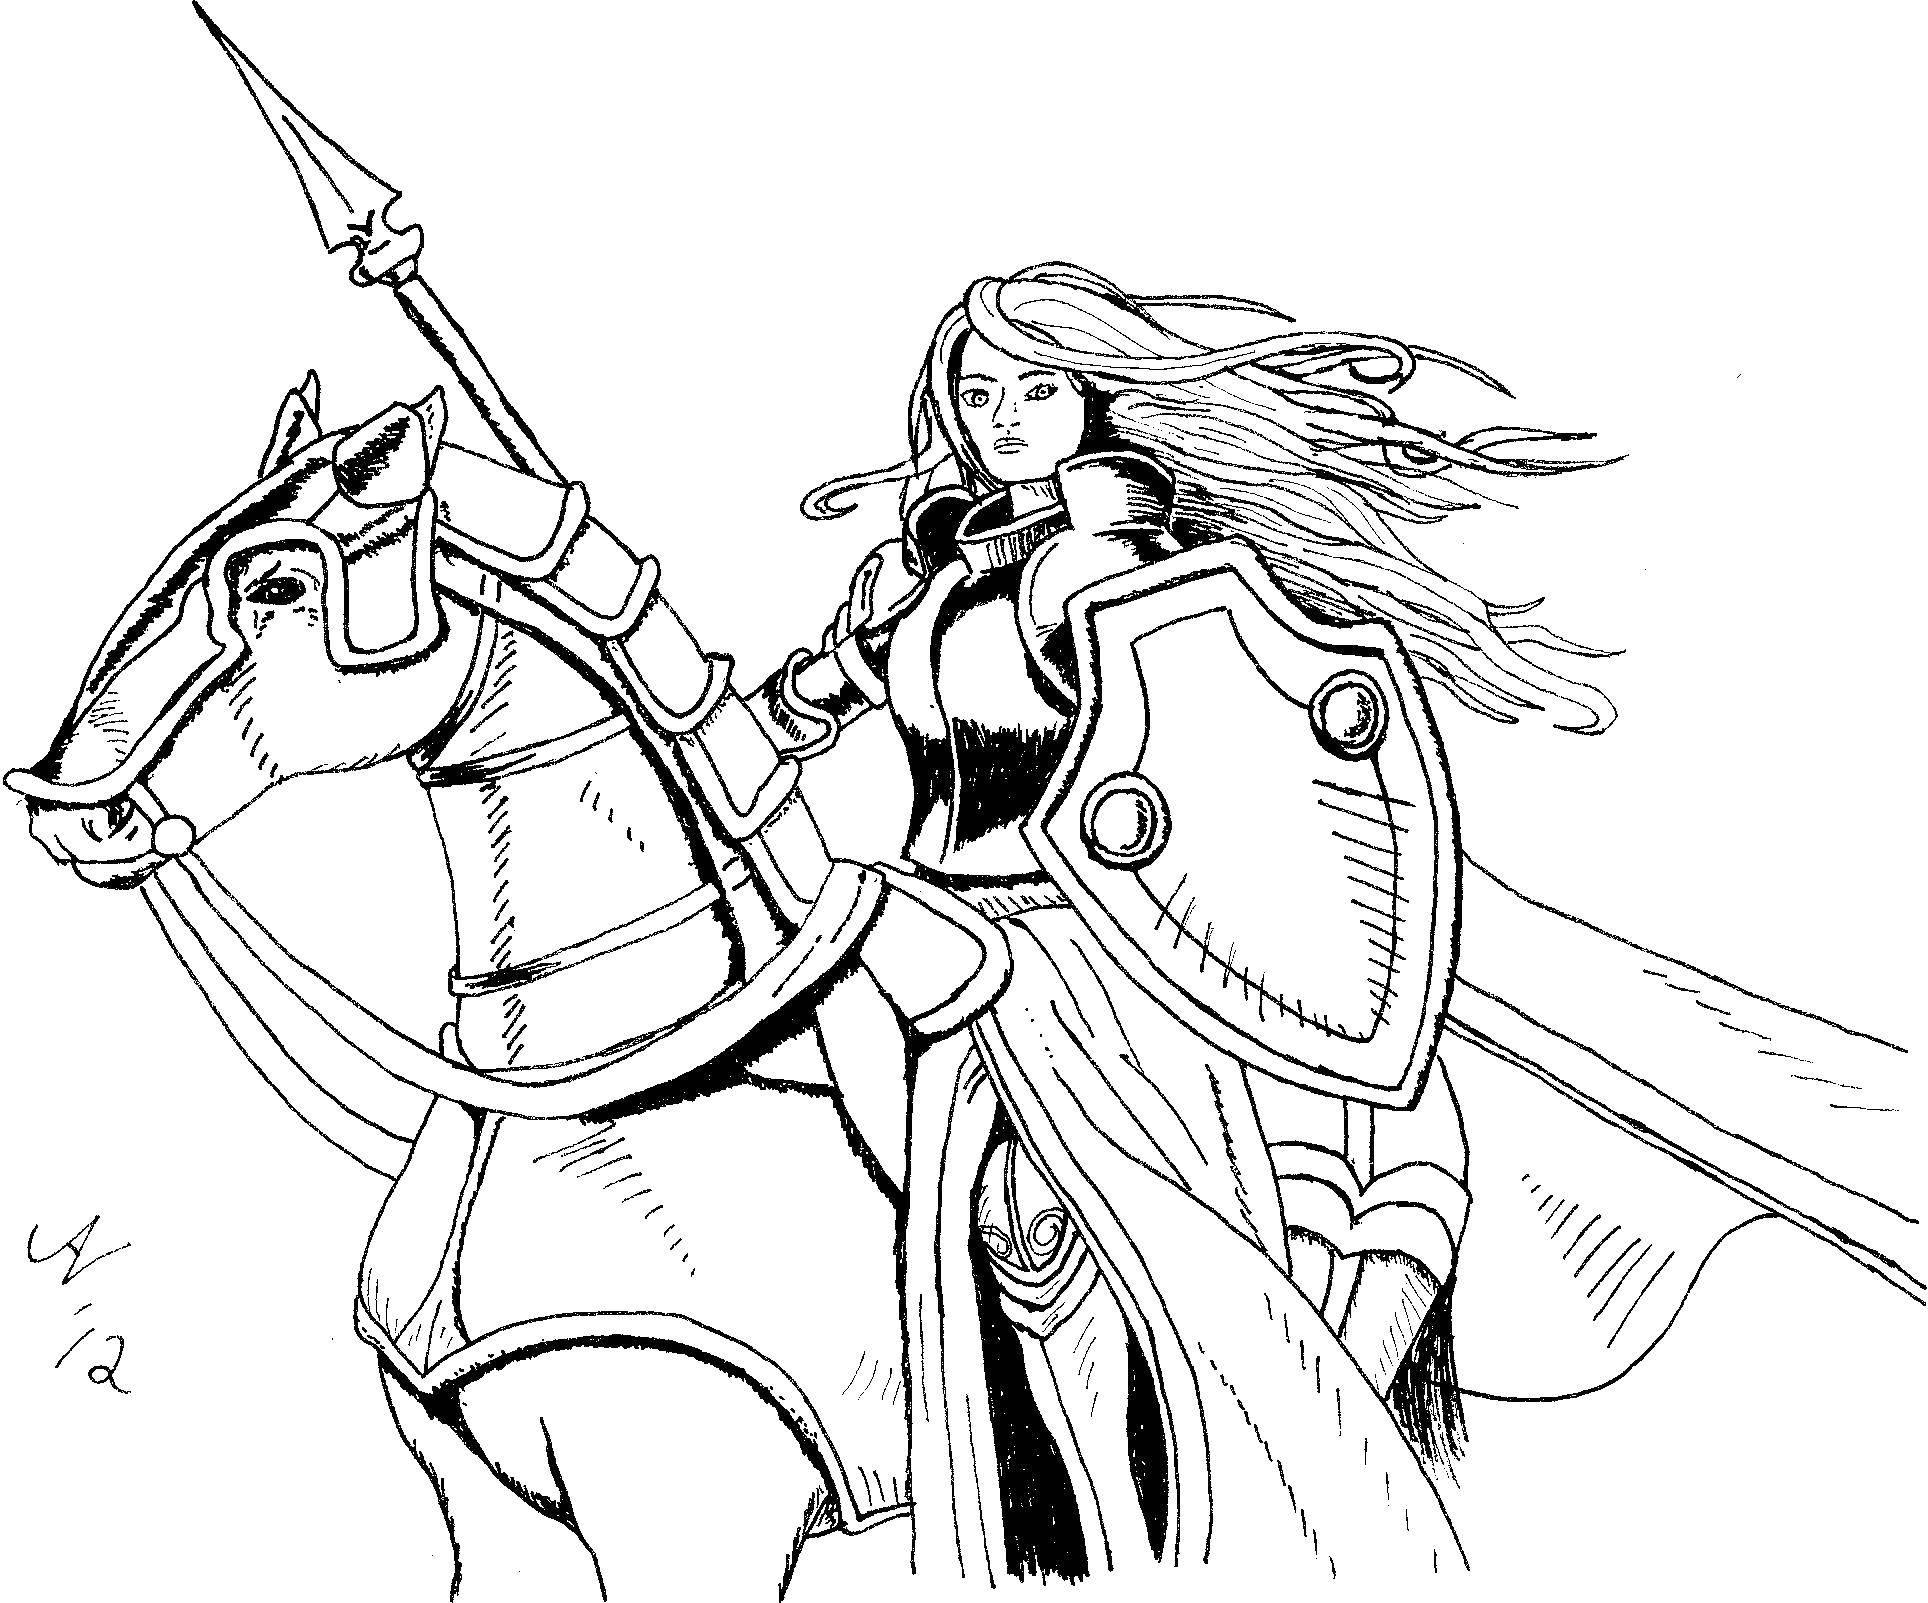 Название: Раскраска Эльф верхом на коне. Категория: властелин колец. Теги: властелин колец, Арагорн.